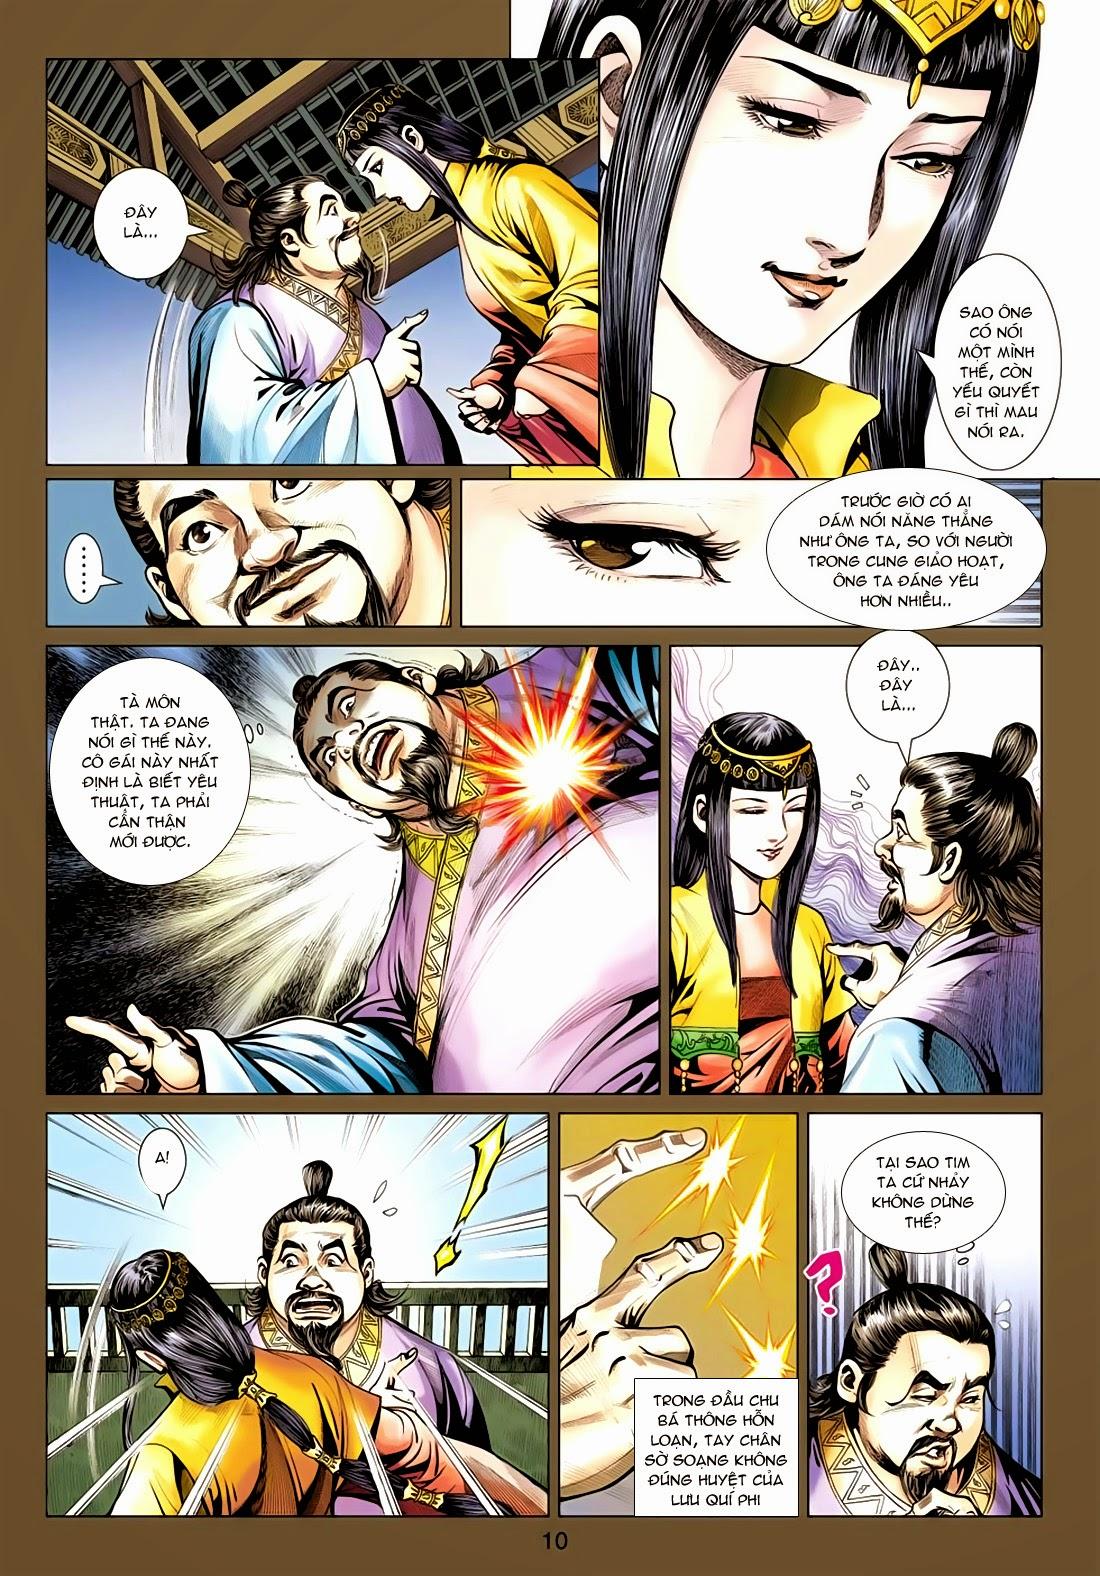 Anh Hùng Xạ Điêu anh hùng xạ đêu chap 77: thế thượng tối cường võ công trang 10